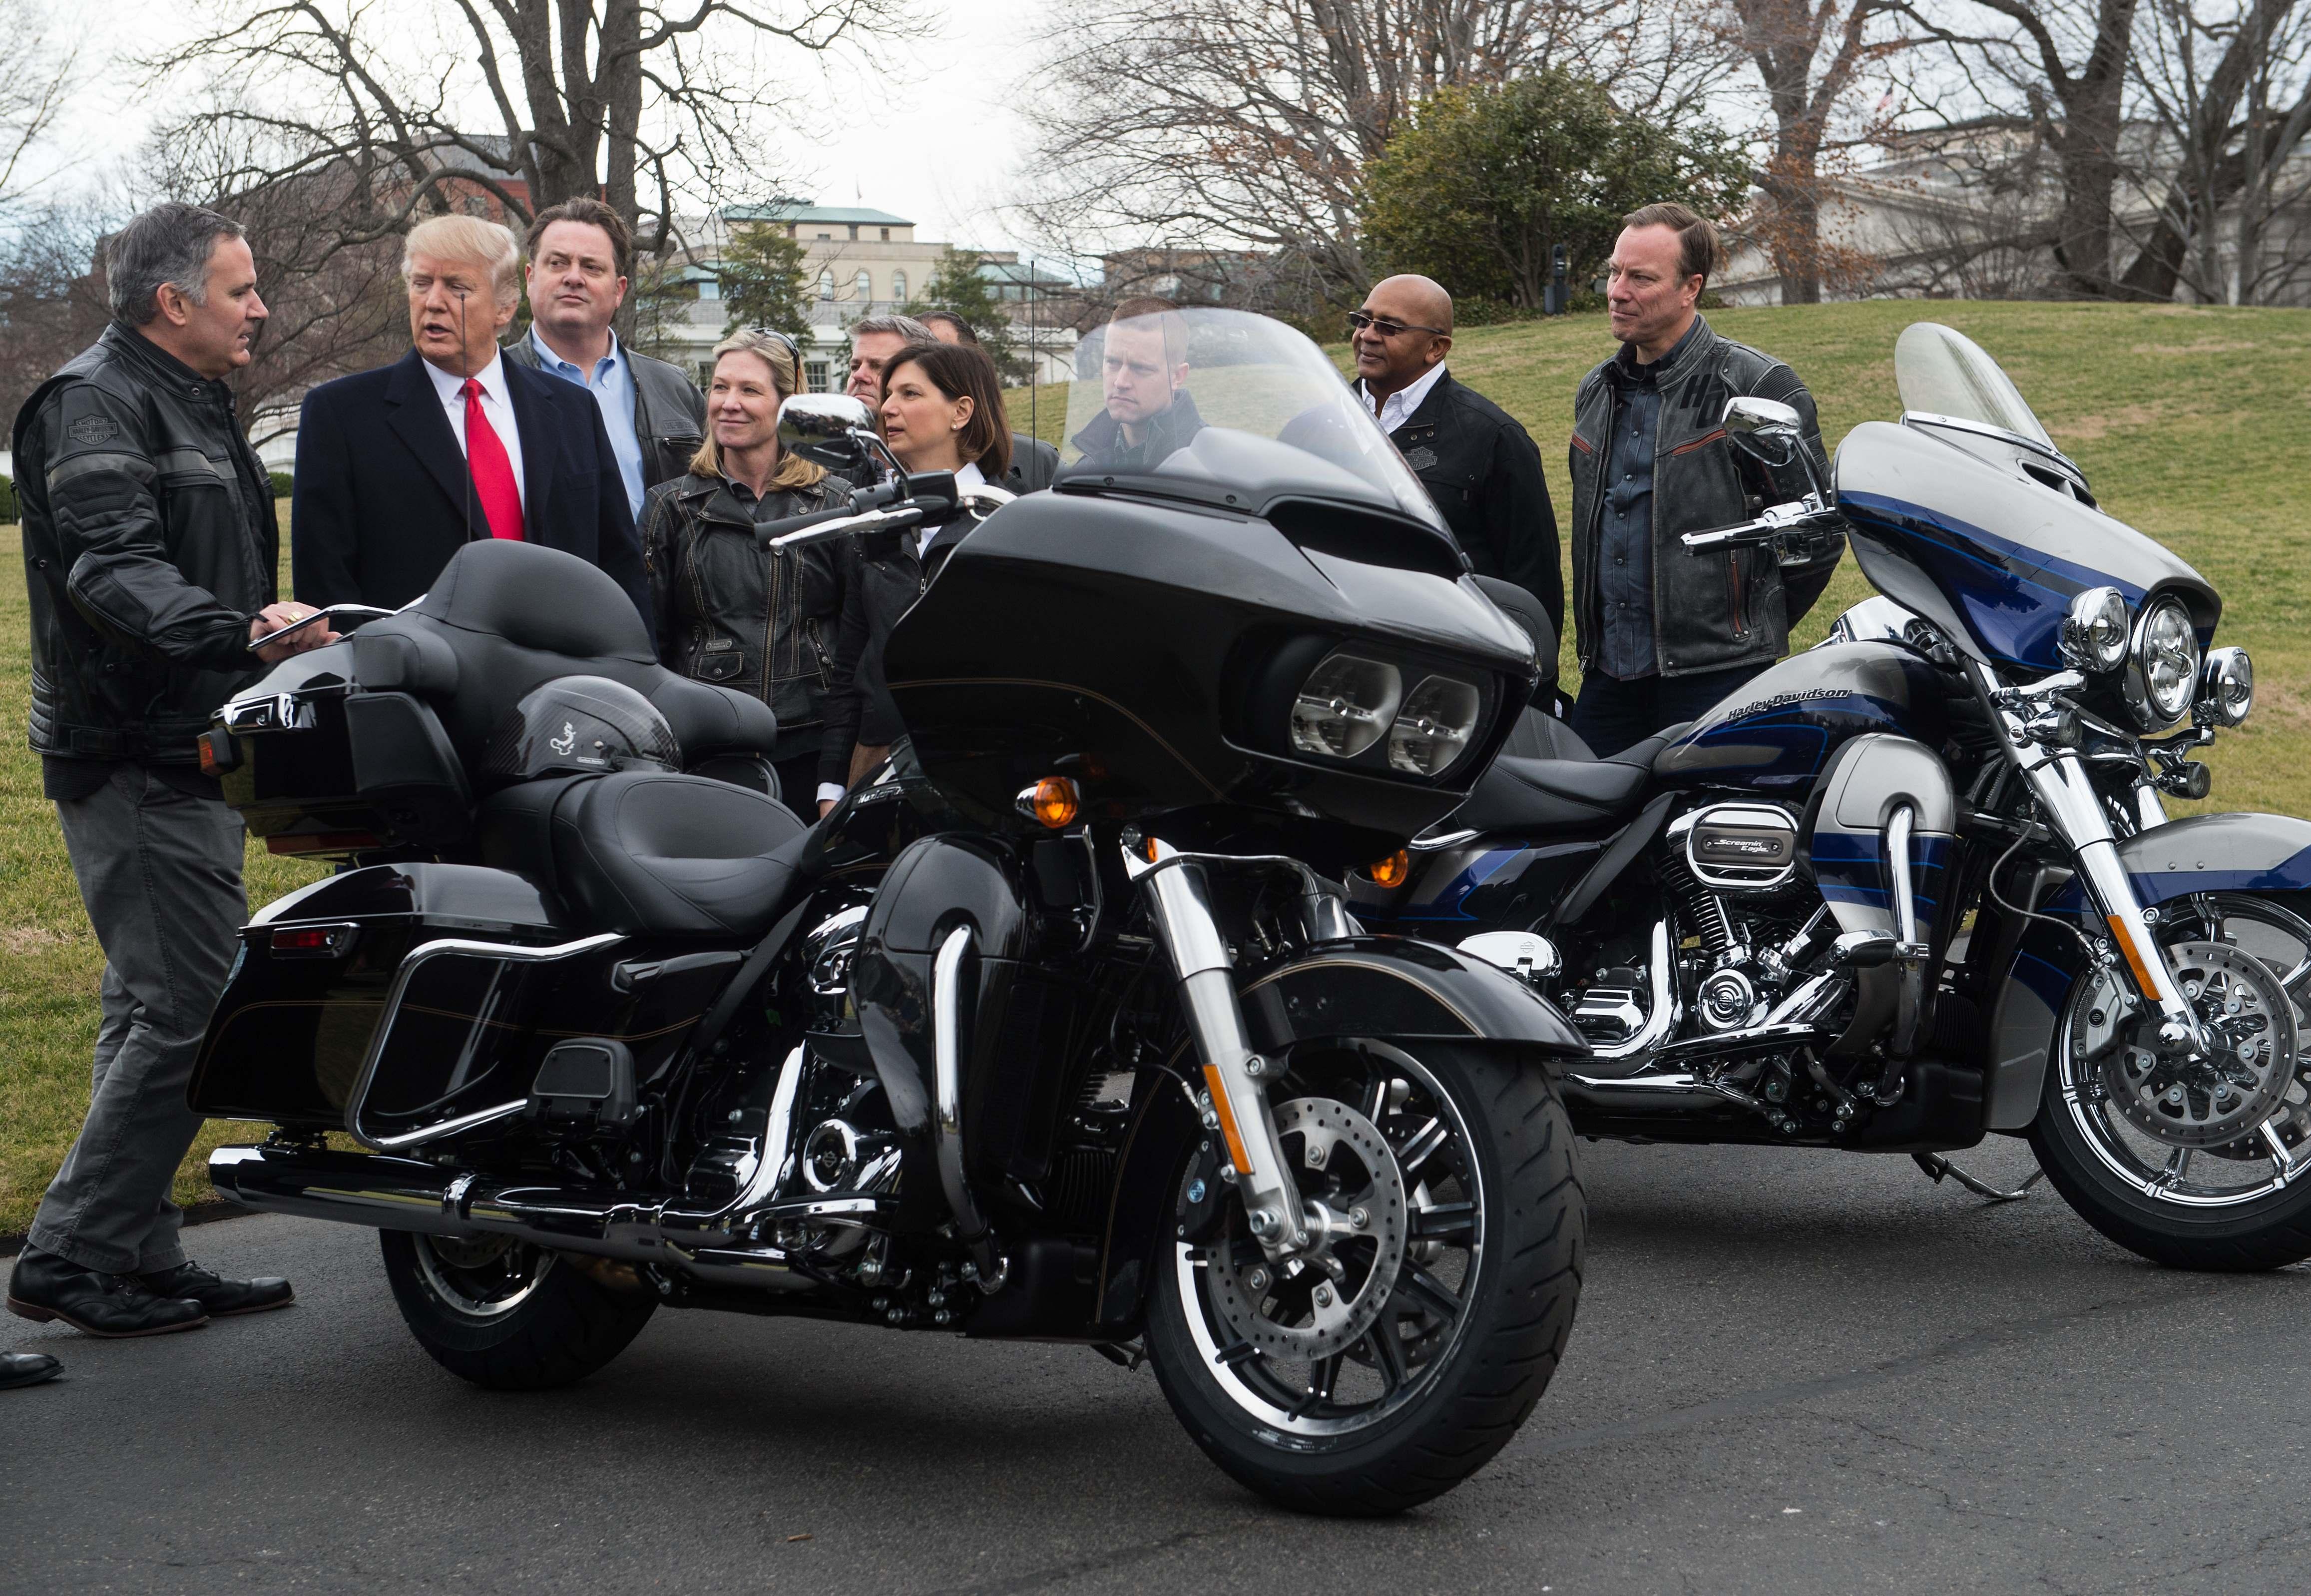 Trump kereskedelmi háborúja miatt még több motort gyárthat az USA-n kívül a Harley-Davidson